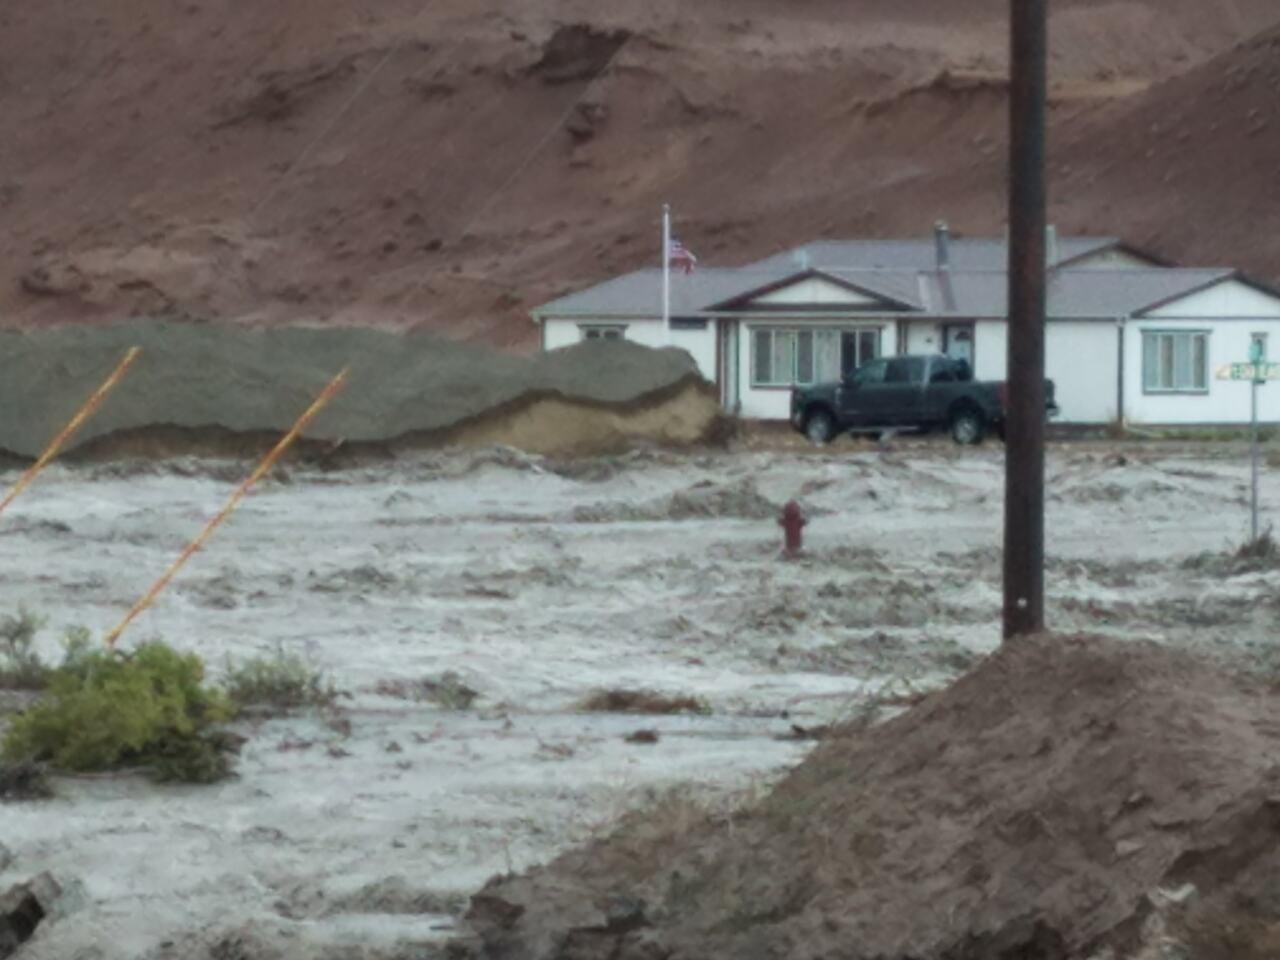 hanksville flooding celeste sellers 3.jpg